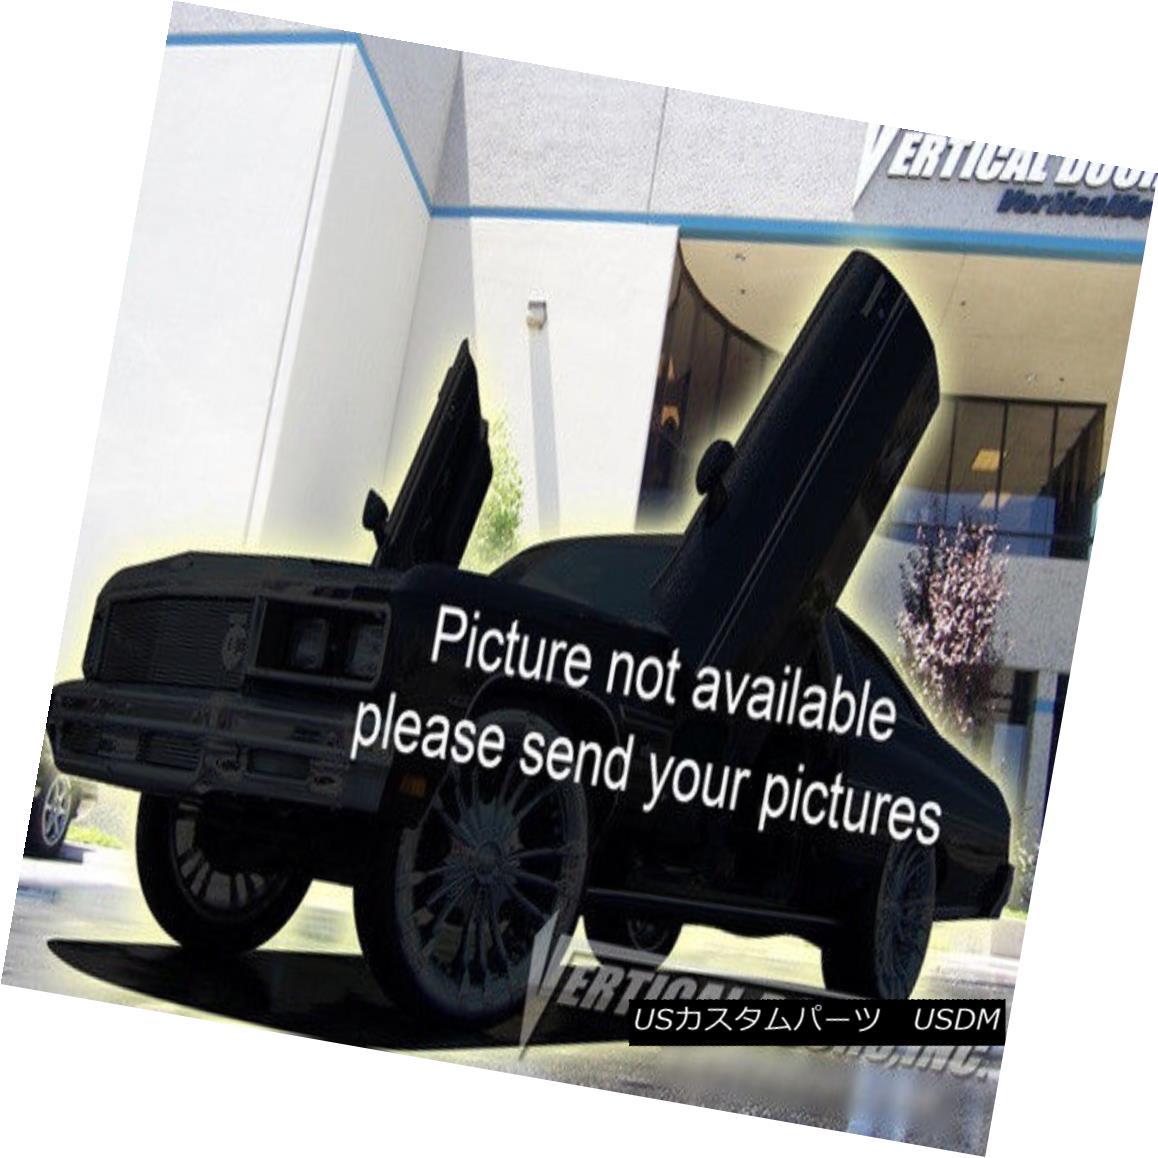 ガルウィングキット Vertical Doors Inc Bolt On Lambo Door Kits for Infiniti G37 Coupe 2008-2014 2DR Vertical Doors IncインフィニティG37クーペ用ランボルギーニドアキットのボルト2008-2014 2DR